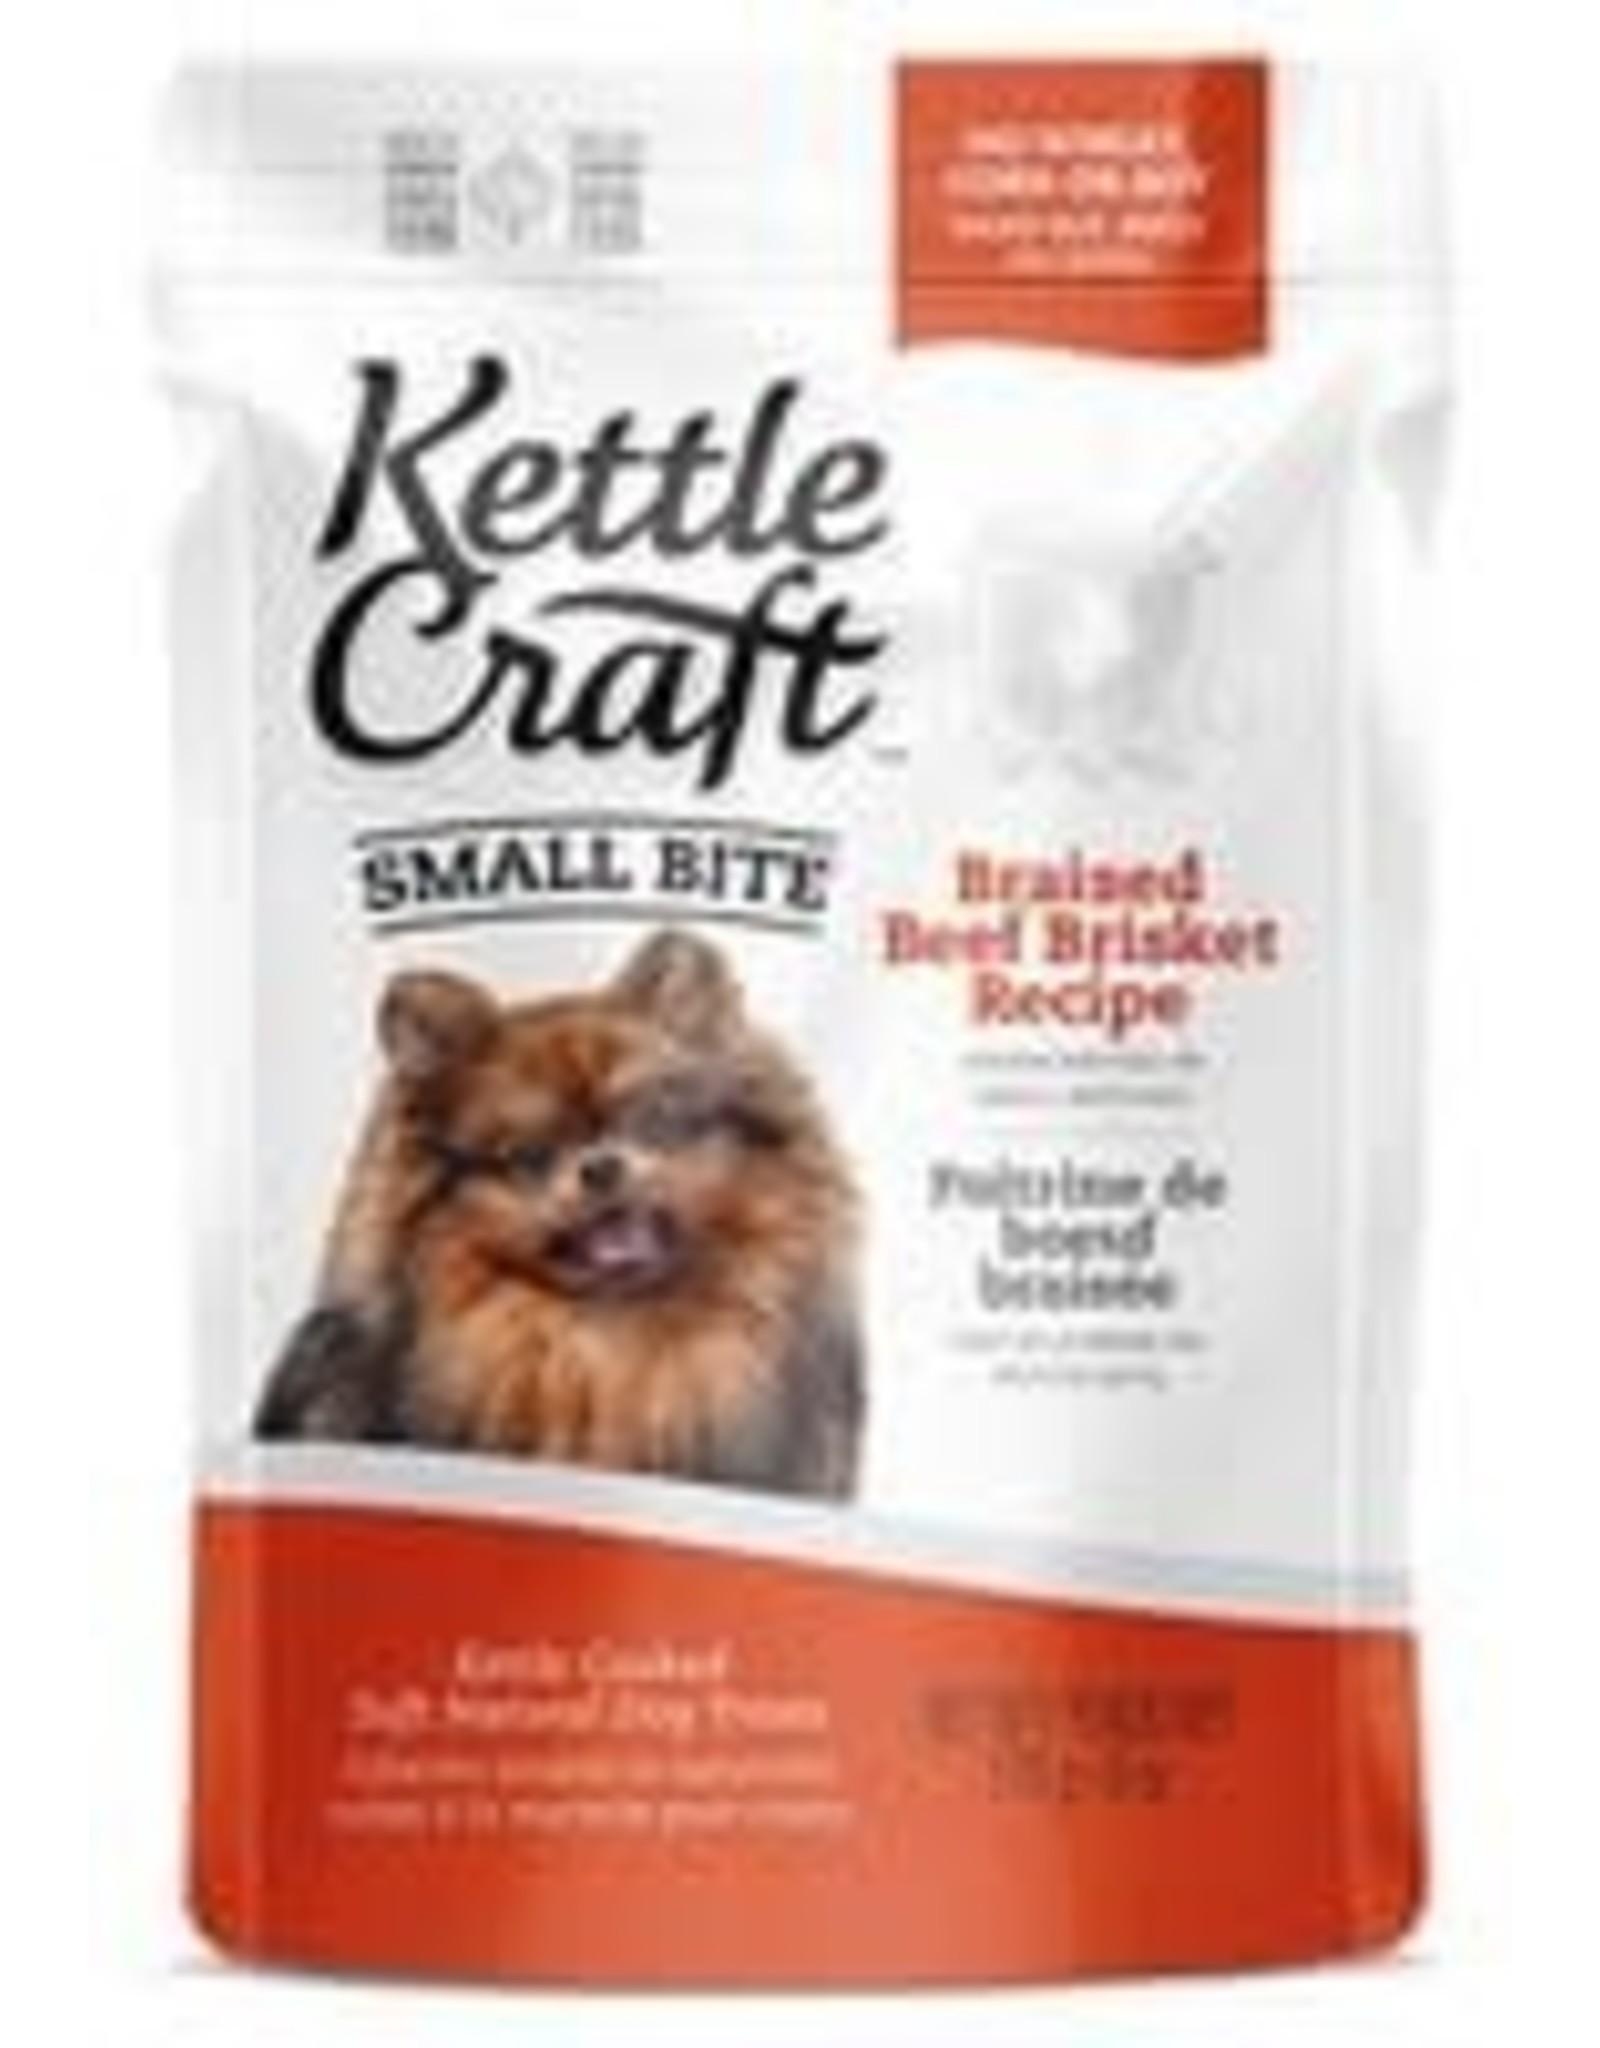 Kettle Craft K.C. Dog - Braised Brisket - small bite 170g